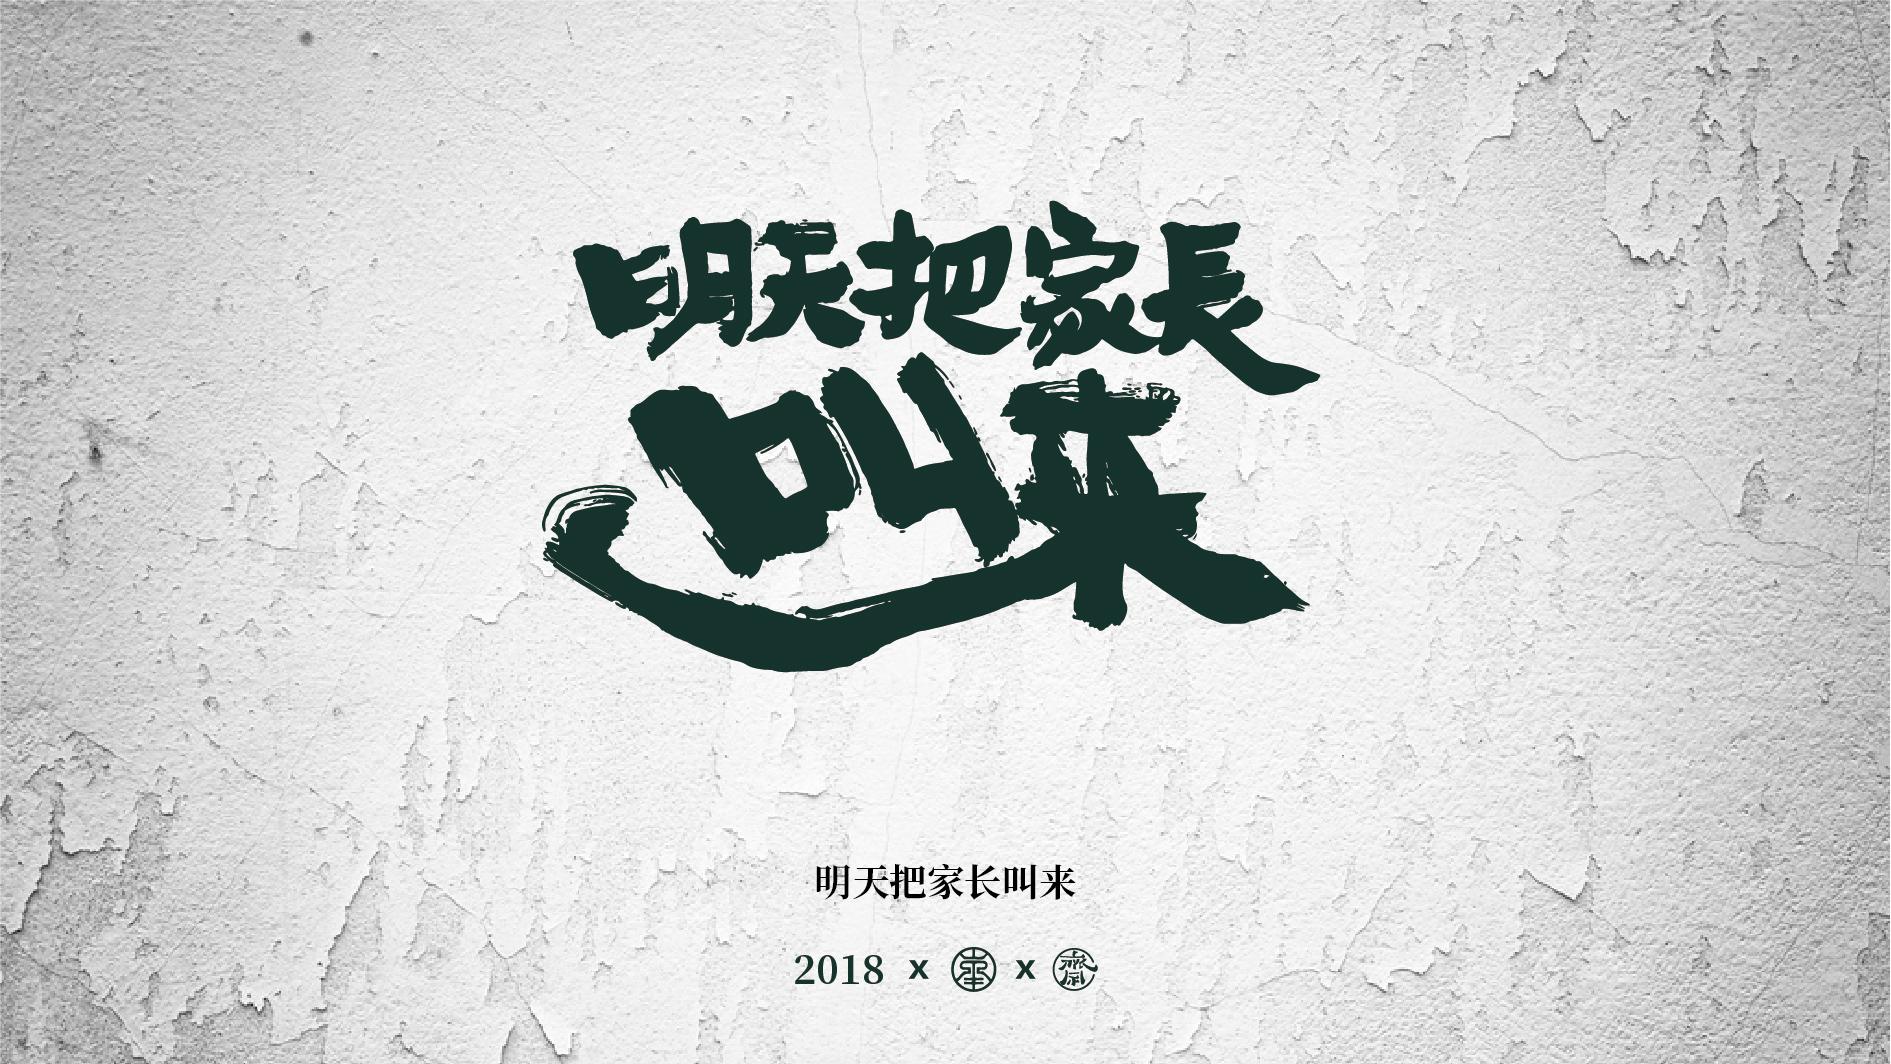 超超大神手写毛笔字第1波 之教师节系列插图(8)